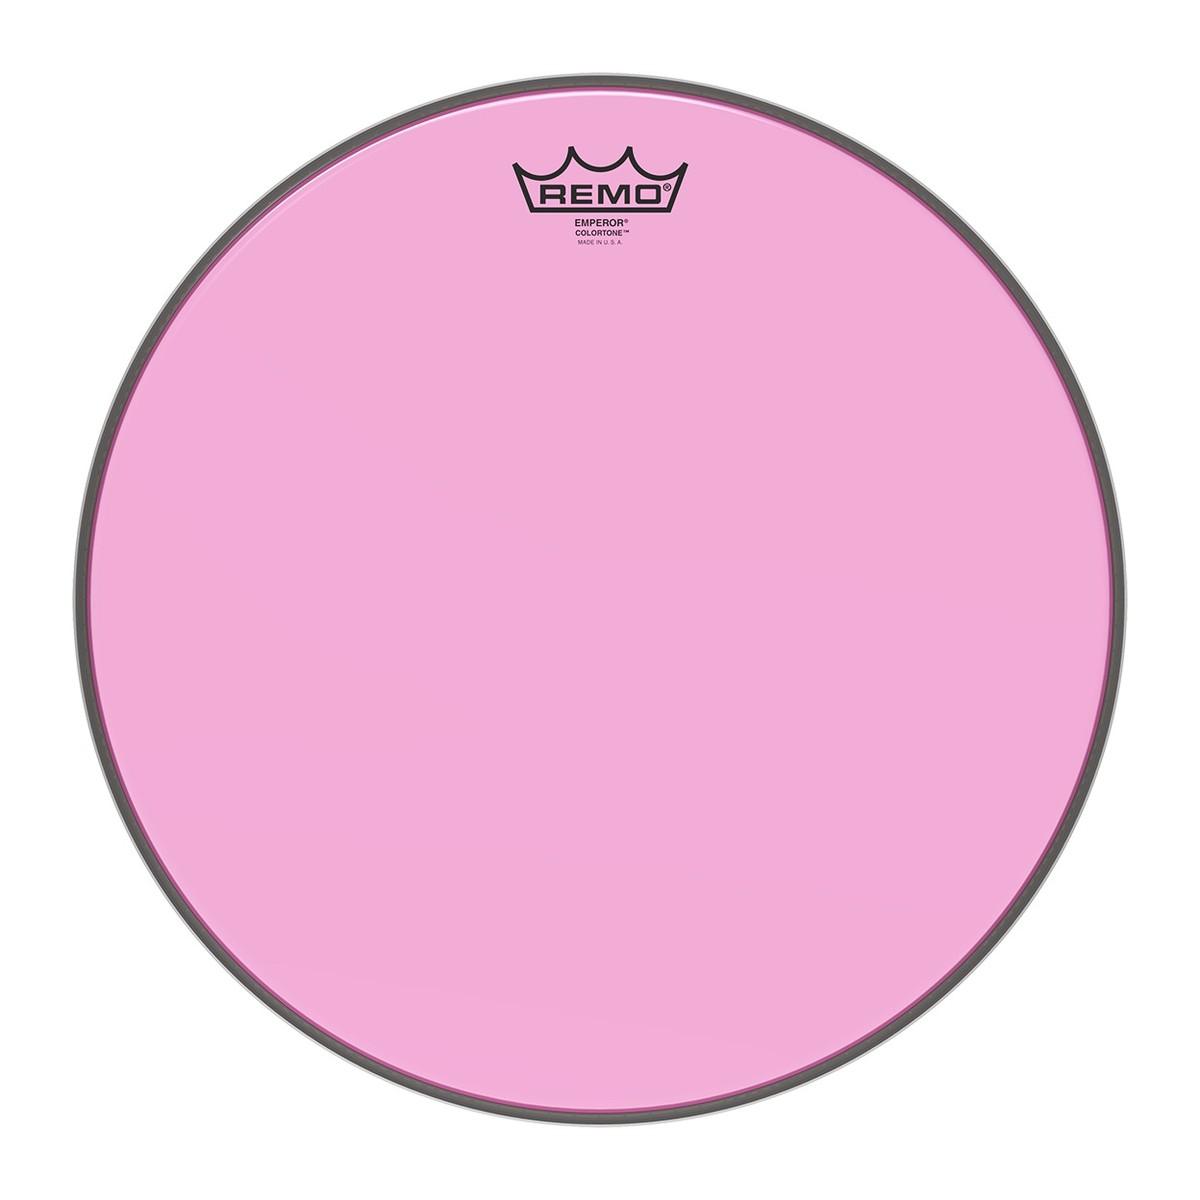 Remo Emperor Colortone 15 Pink Drum Head